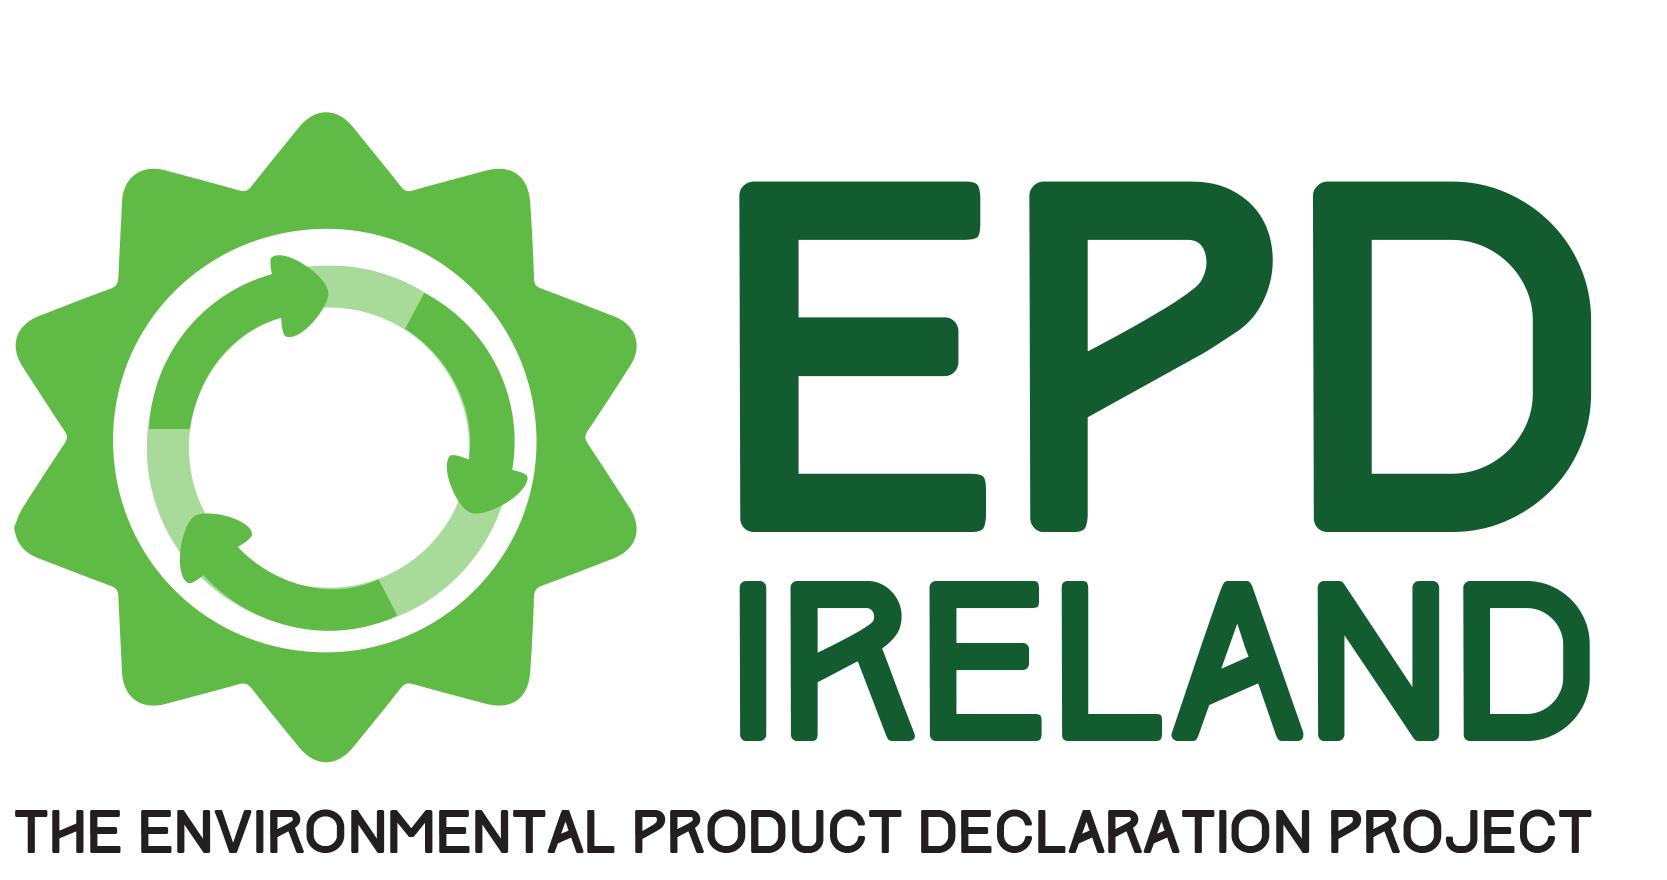 epd-final-logo